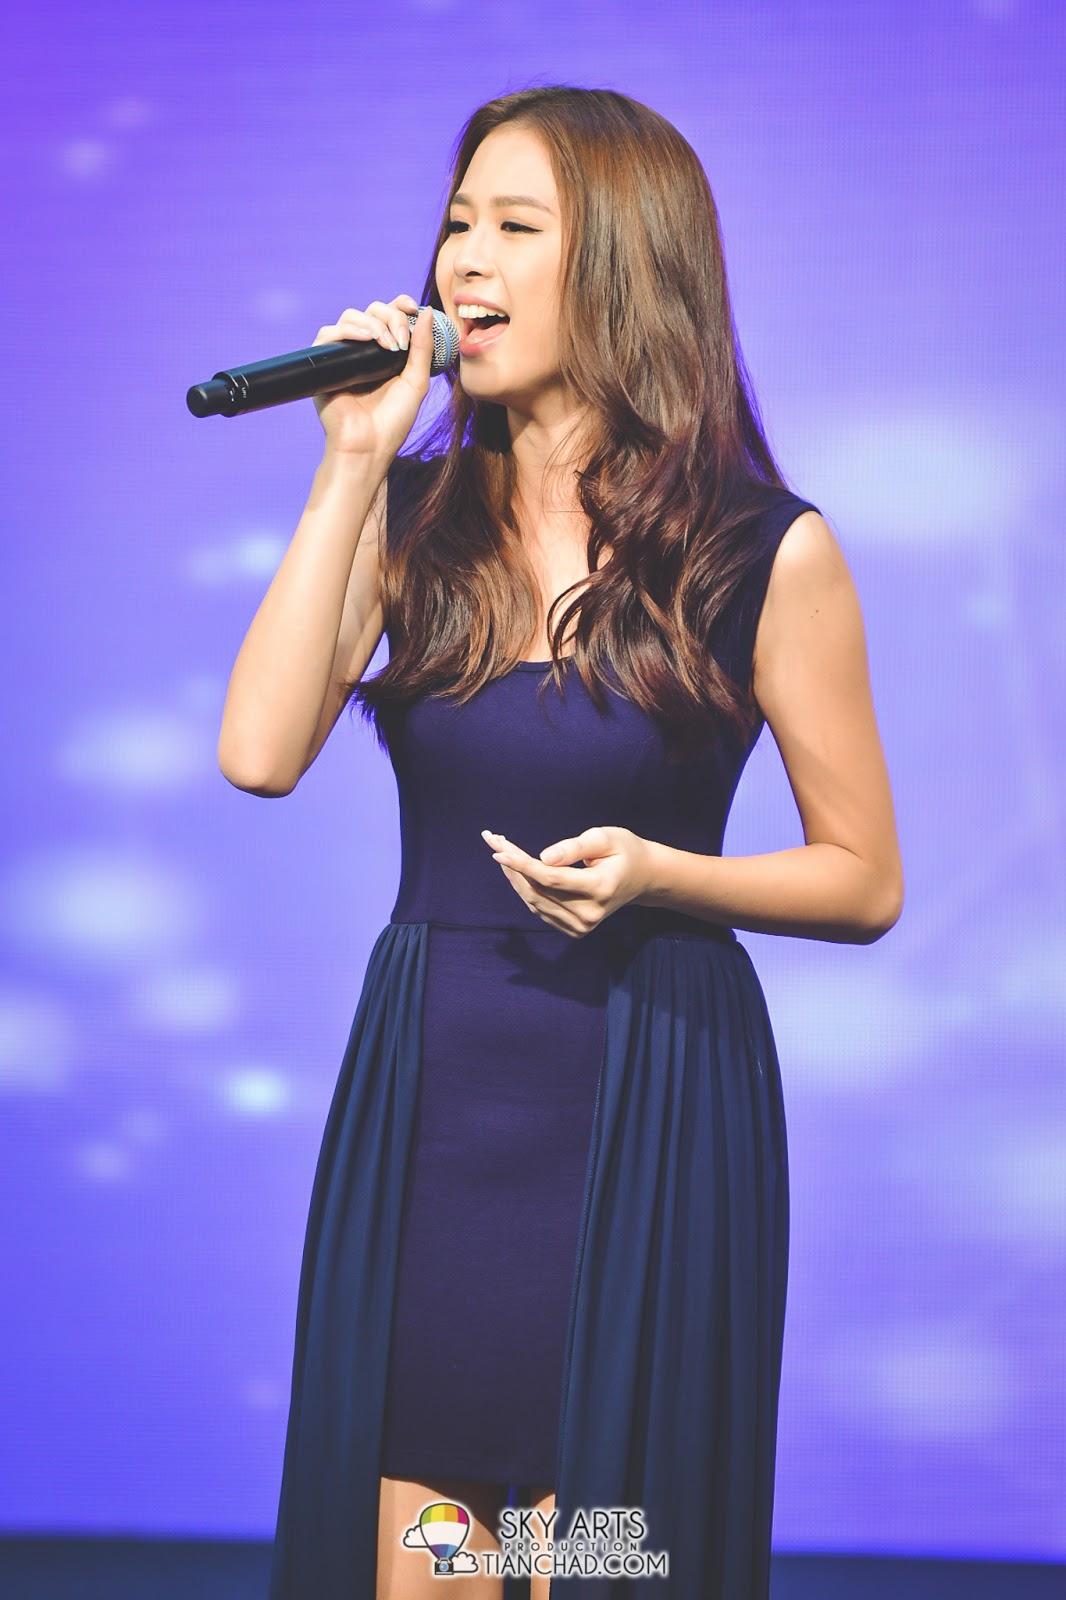 6号钟欣燕稳健的演唱《我的骄傲 》让现场观众见识她美貌以外的另一面